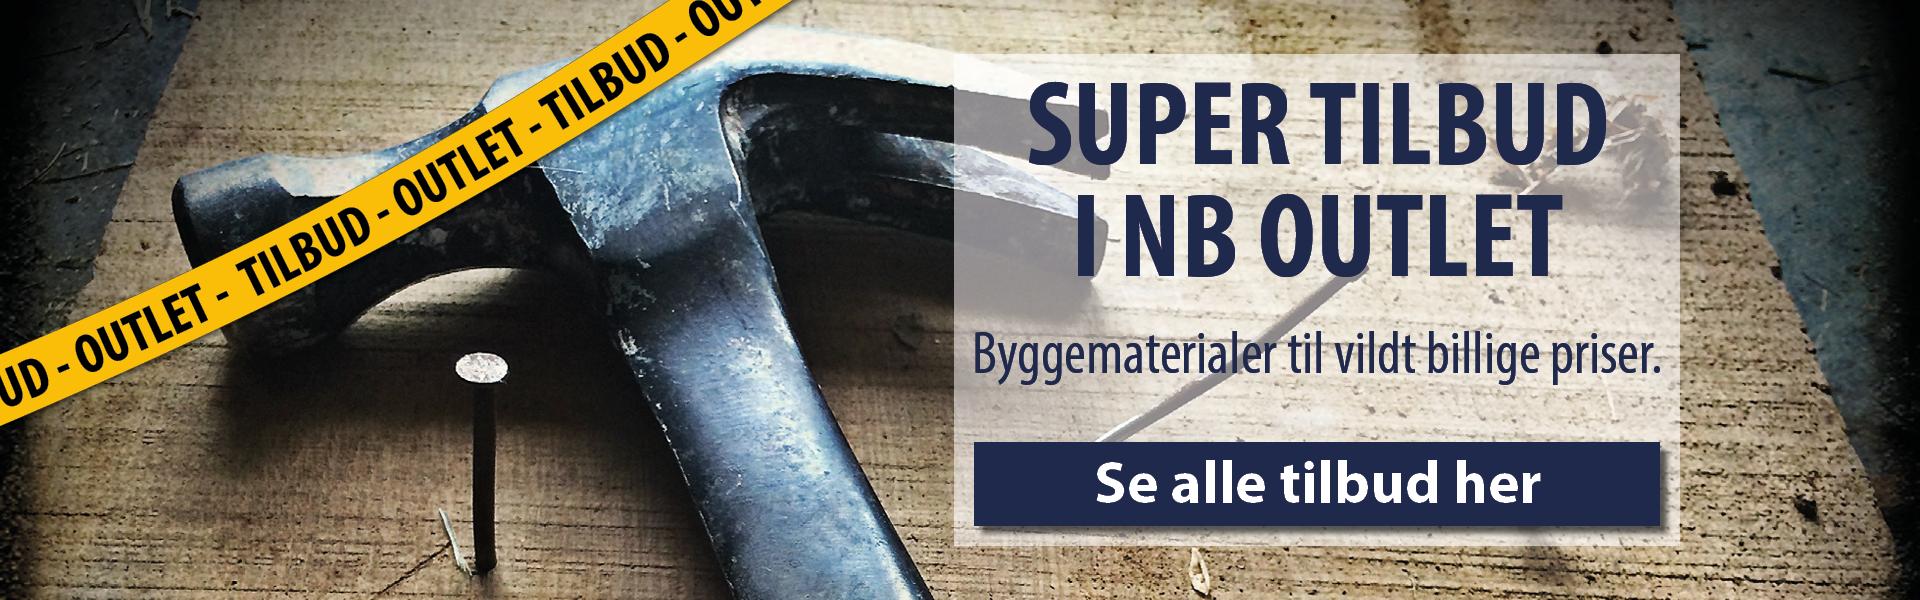 Tilbud_Byggematerialer_Netbyggemarked